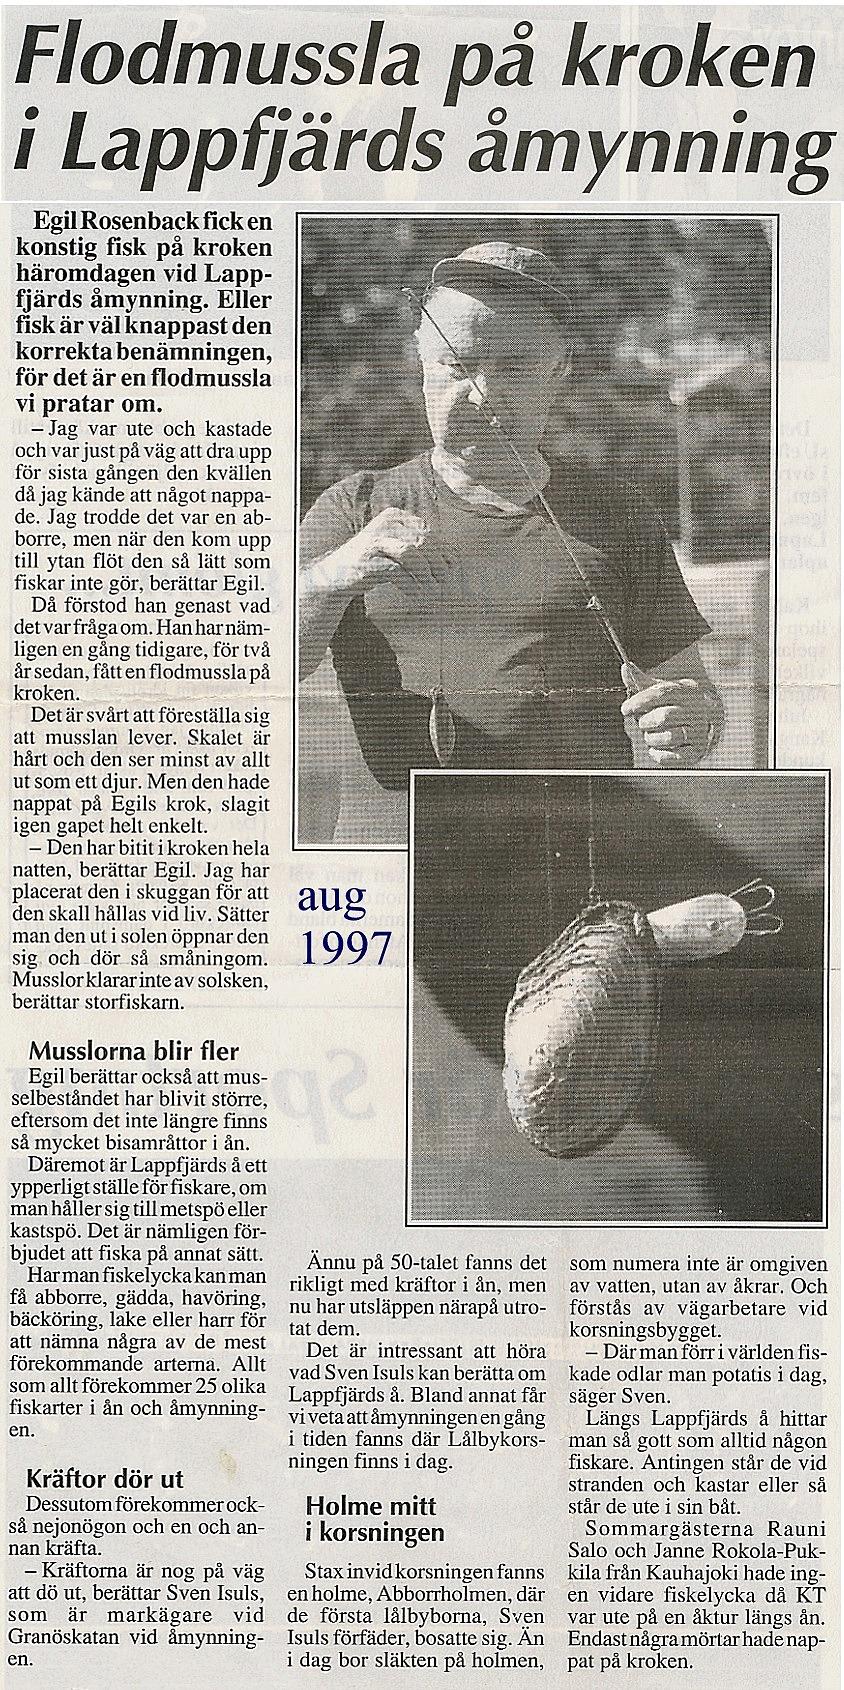 Tidningsartikel från augusti 1997.